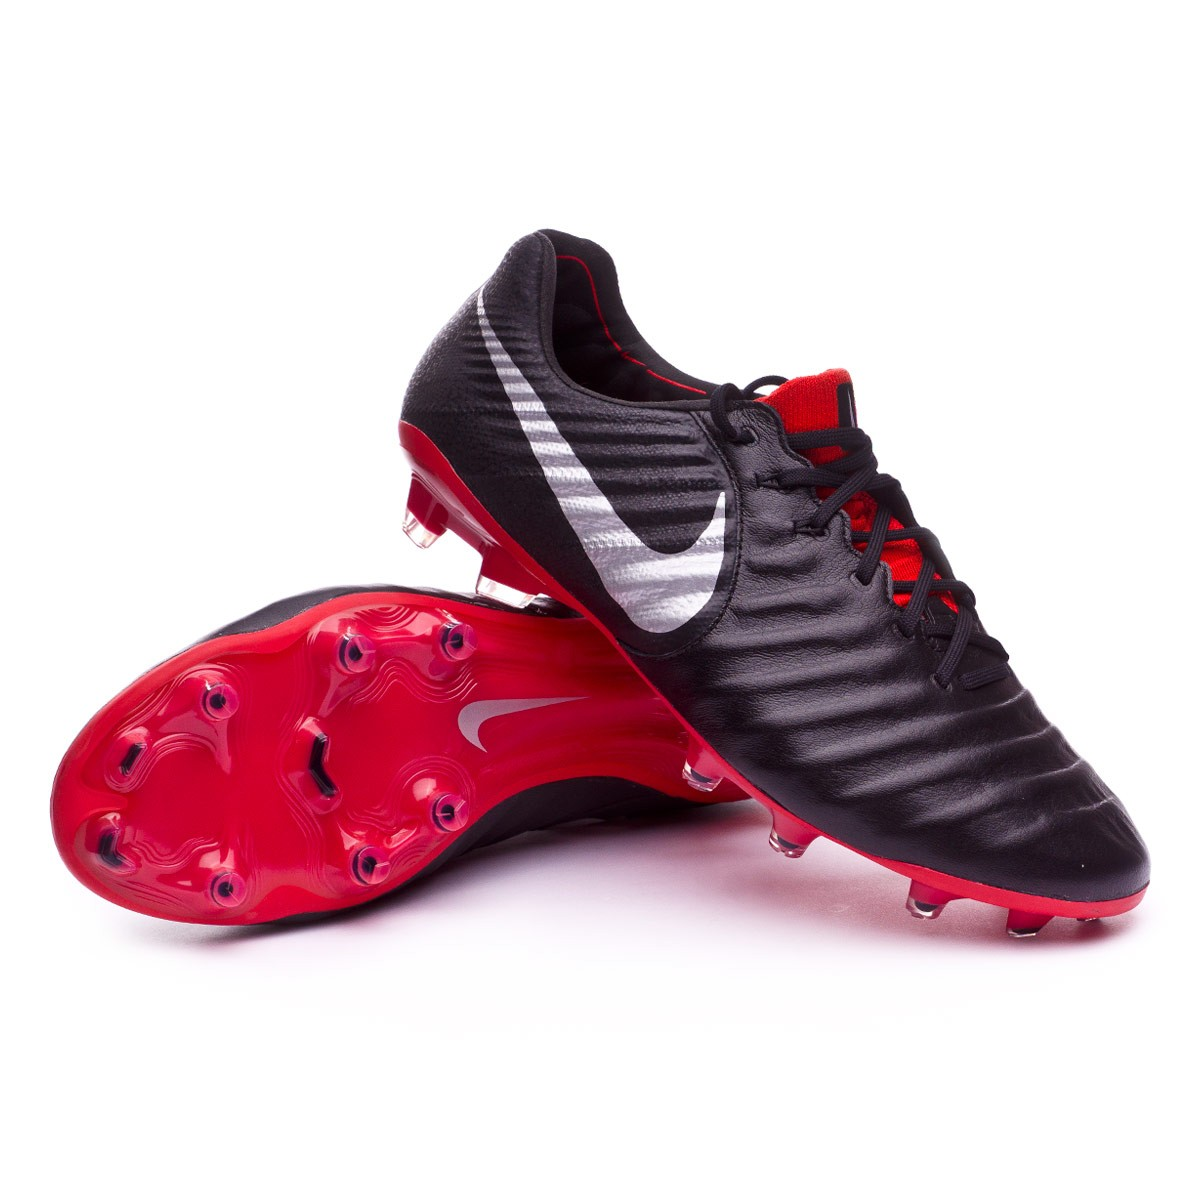 6bf8f5e39ade4 Football Boots Nike Tiempo Legend VII Elite FG Black-Metallic silver ...